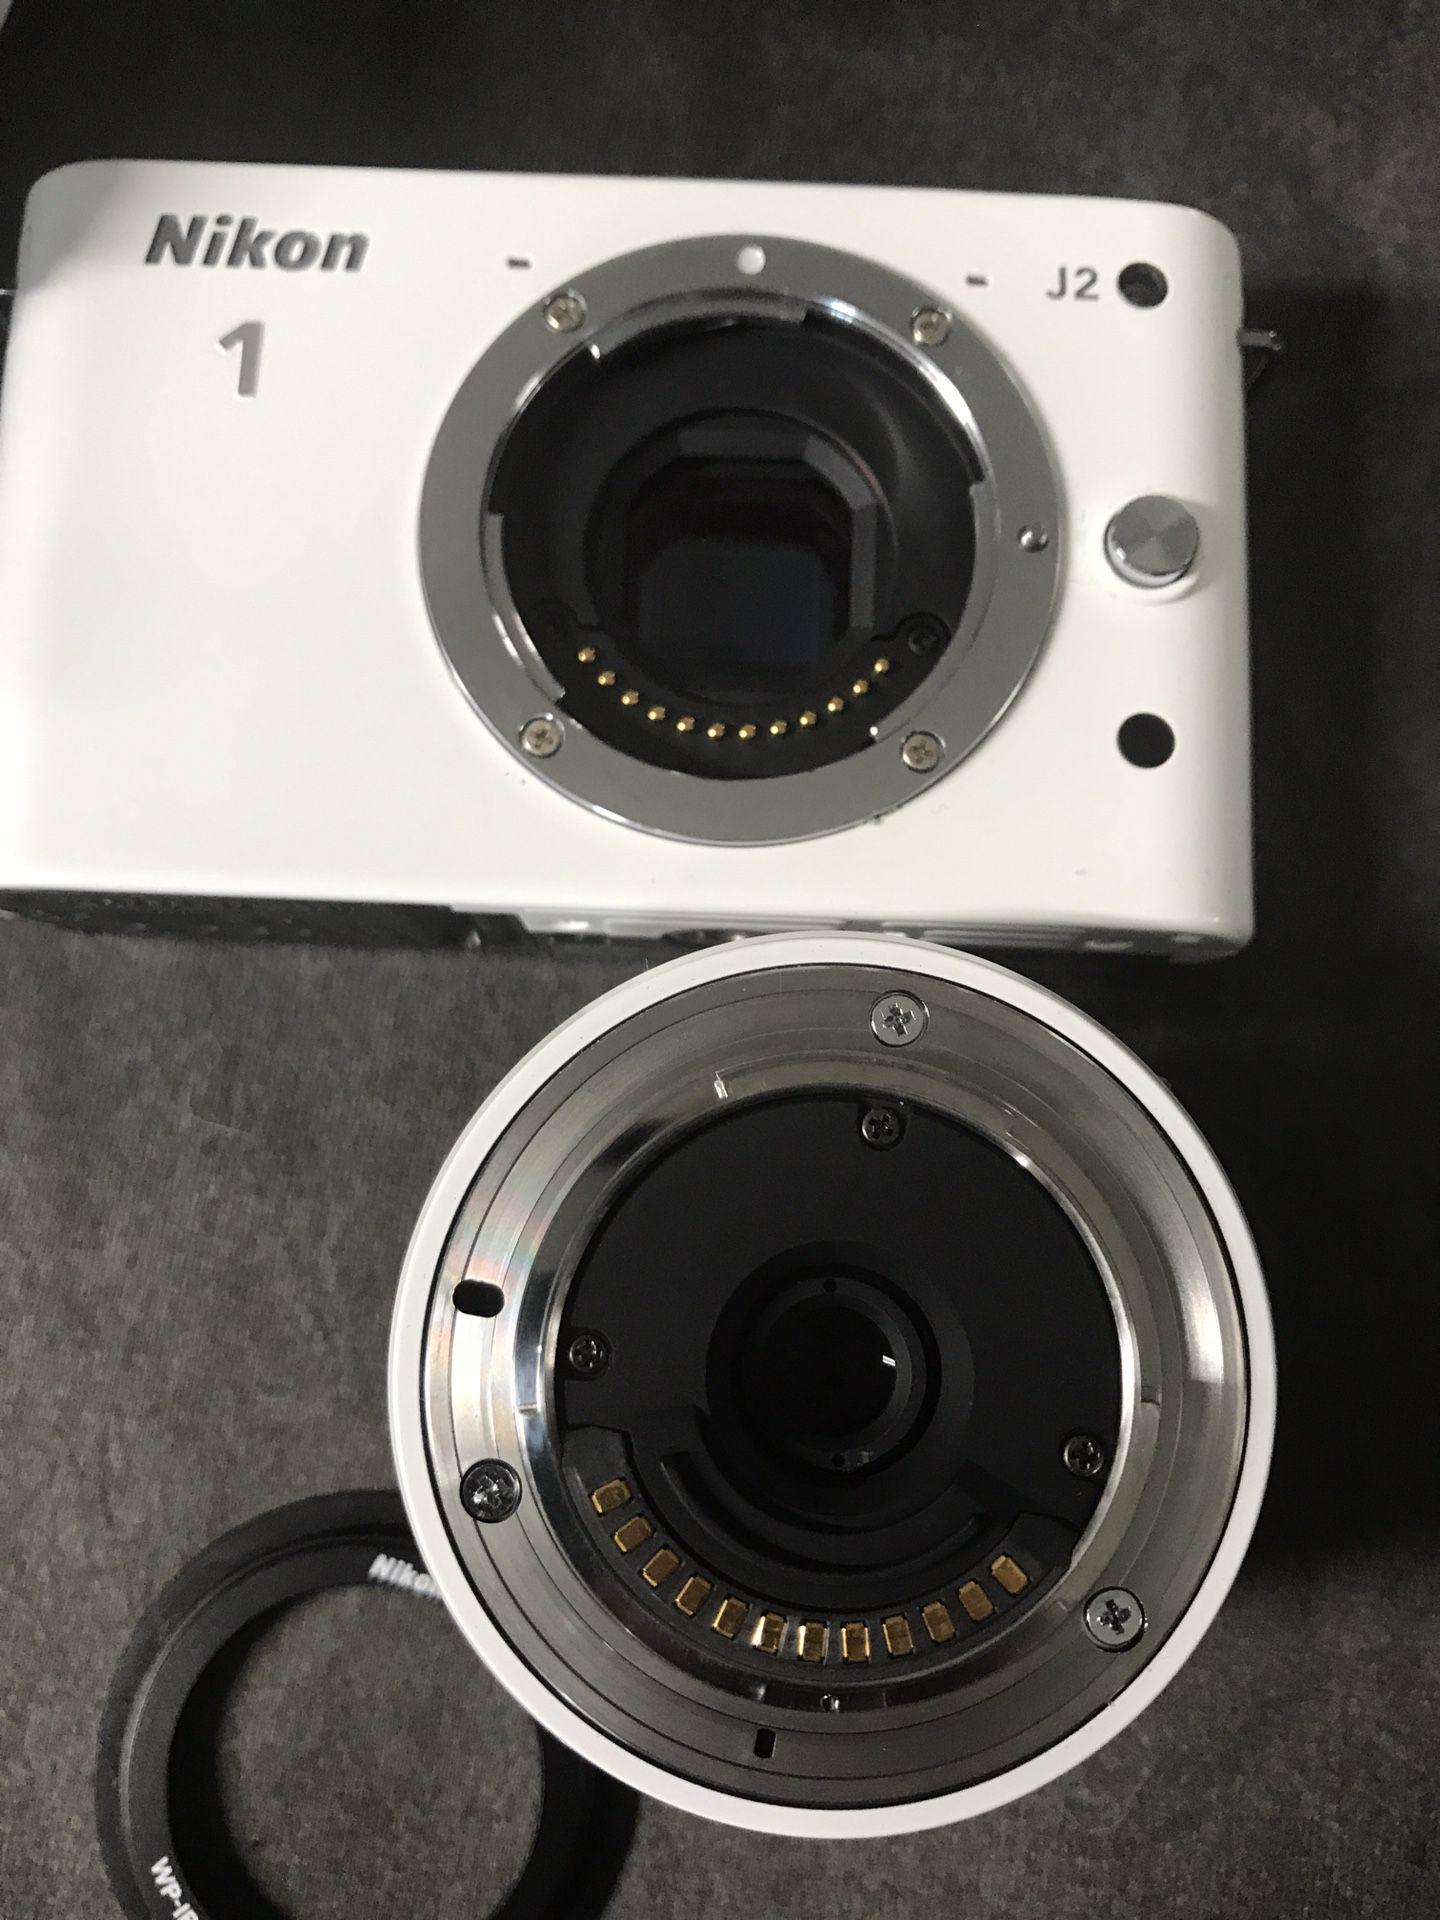 Nikon 1 J2 Digital Camera with a WP-N1 Waterproof Case